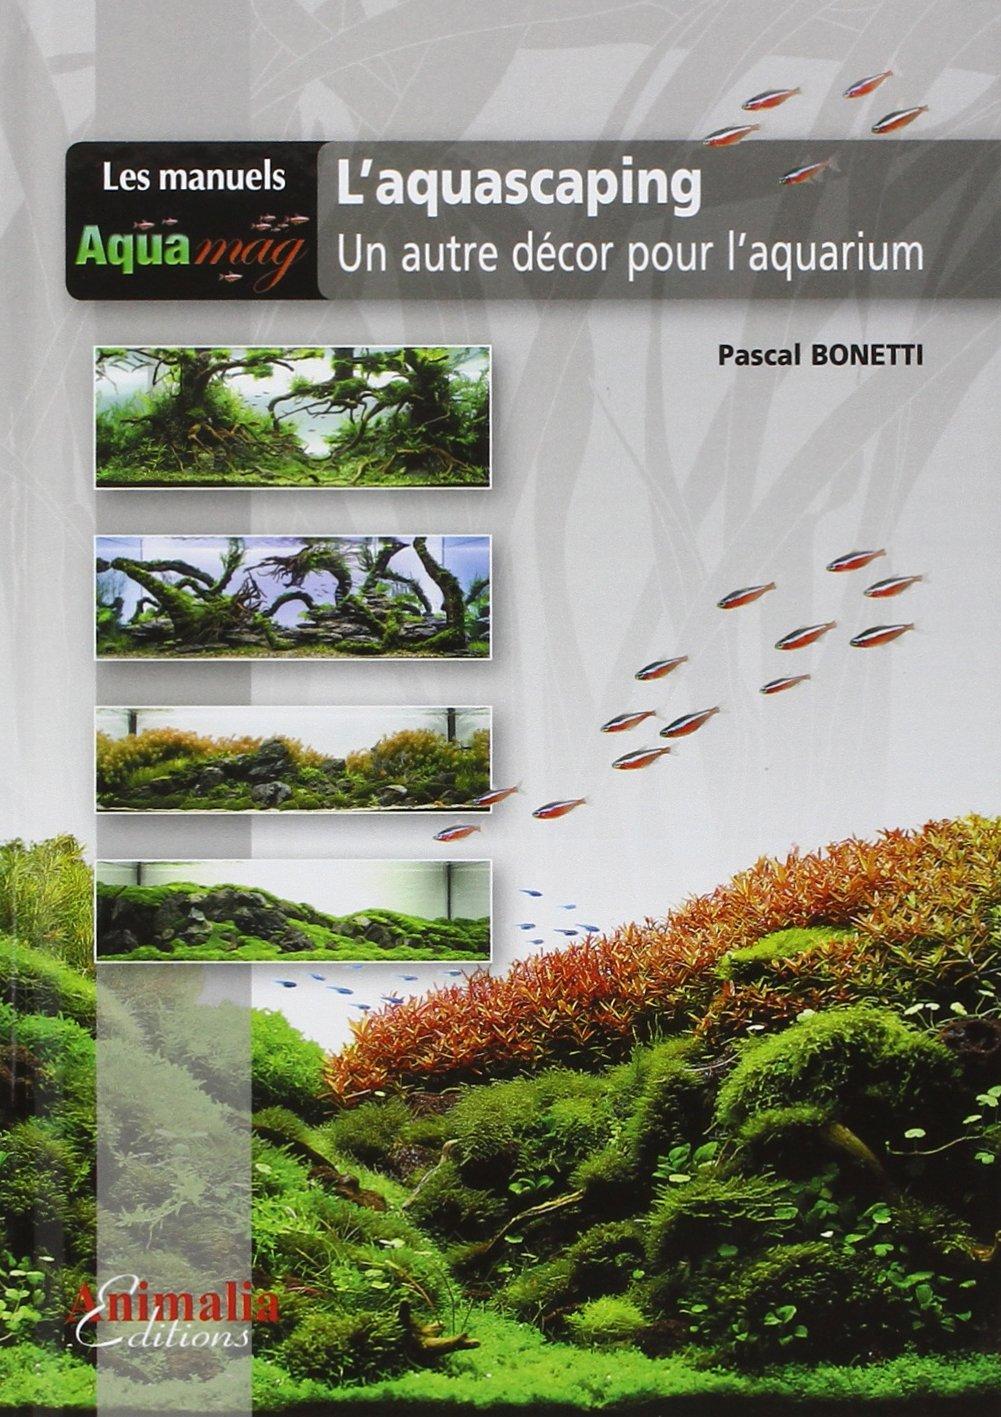 L'Aquascaping: Un autre décor pour l'aquarium Broché – 18 avril 2013 Pascal Bonetti Animalia 2359090305 LIVRES PRATIQUES